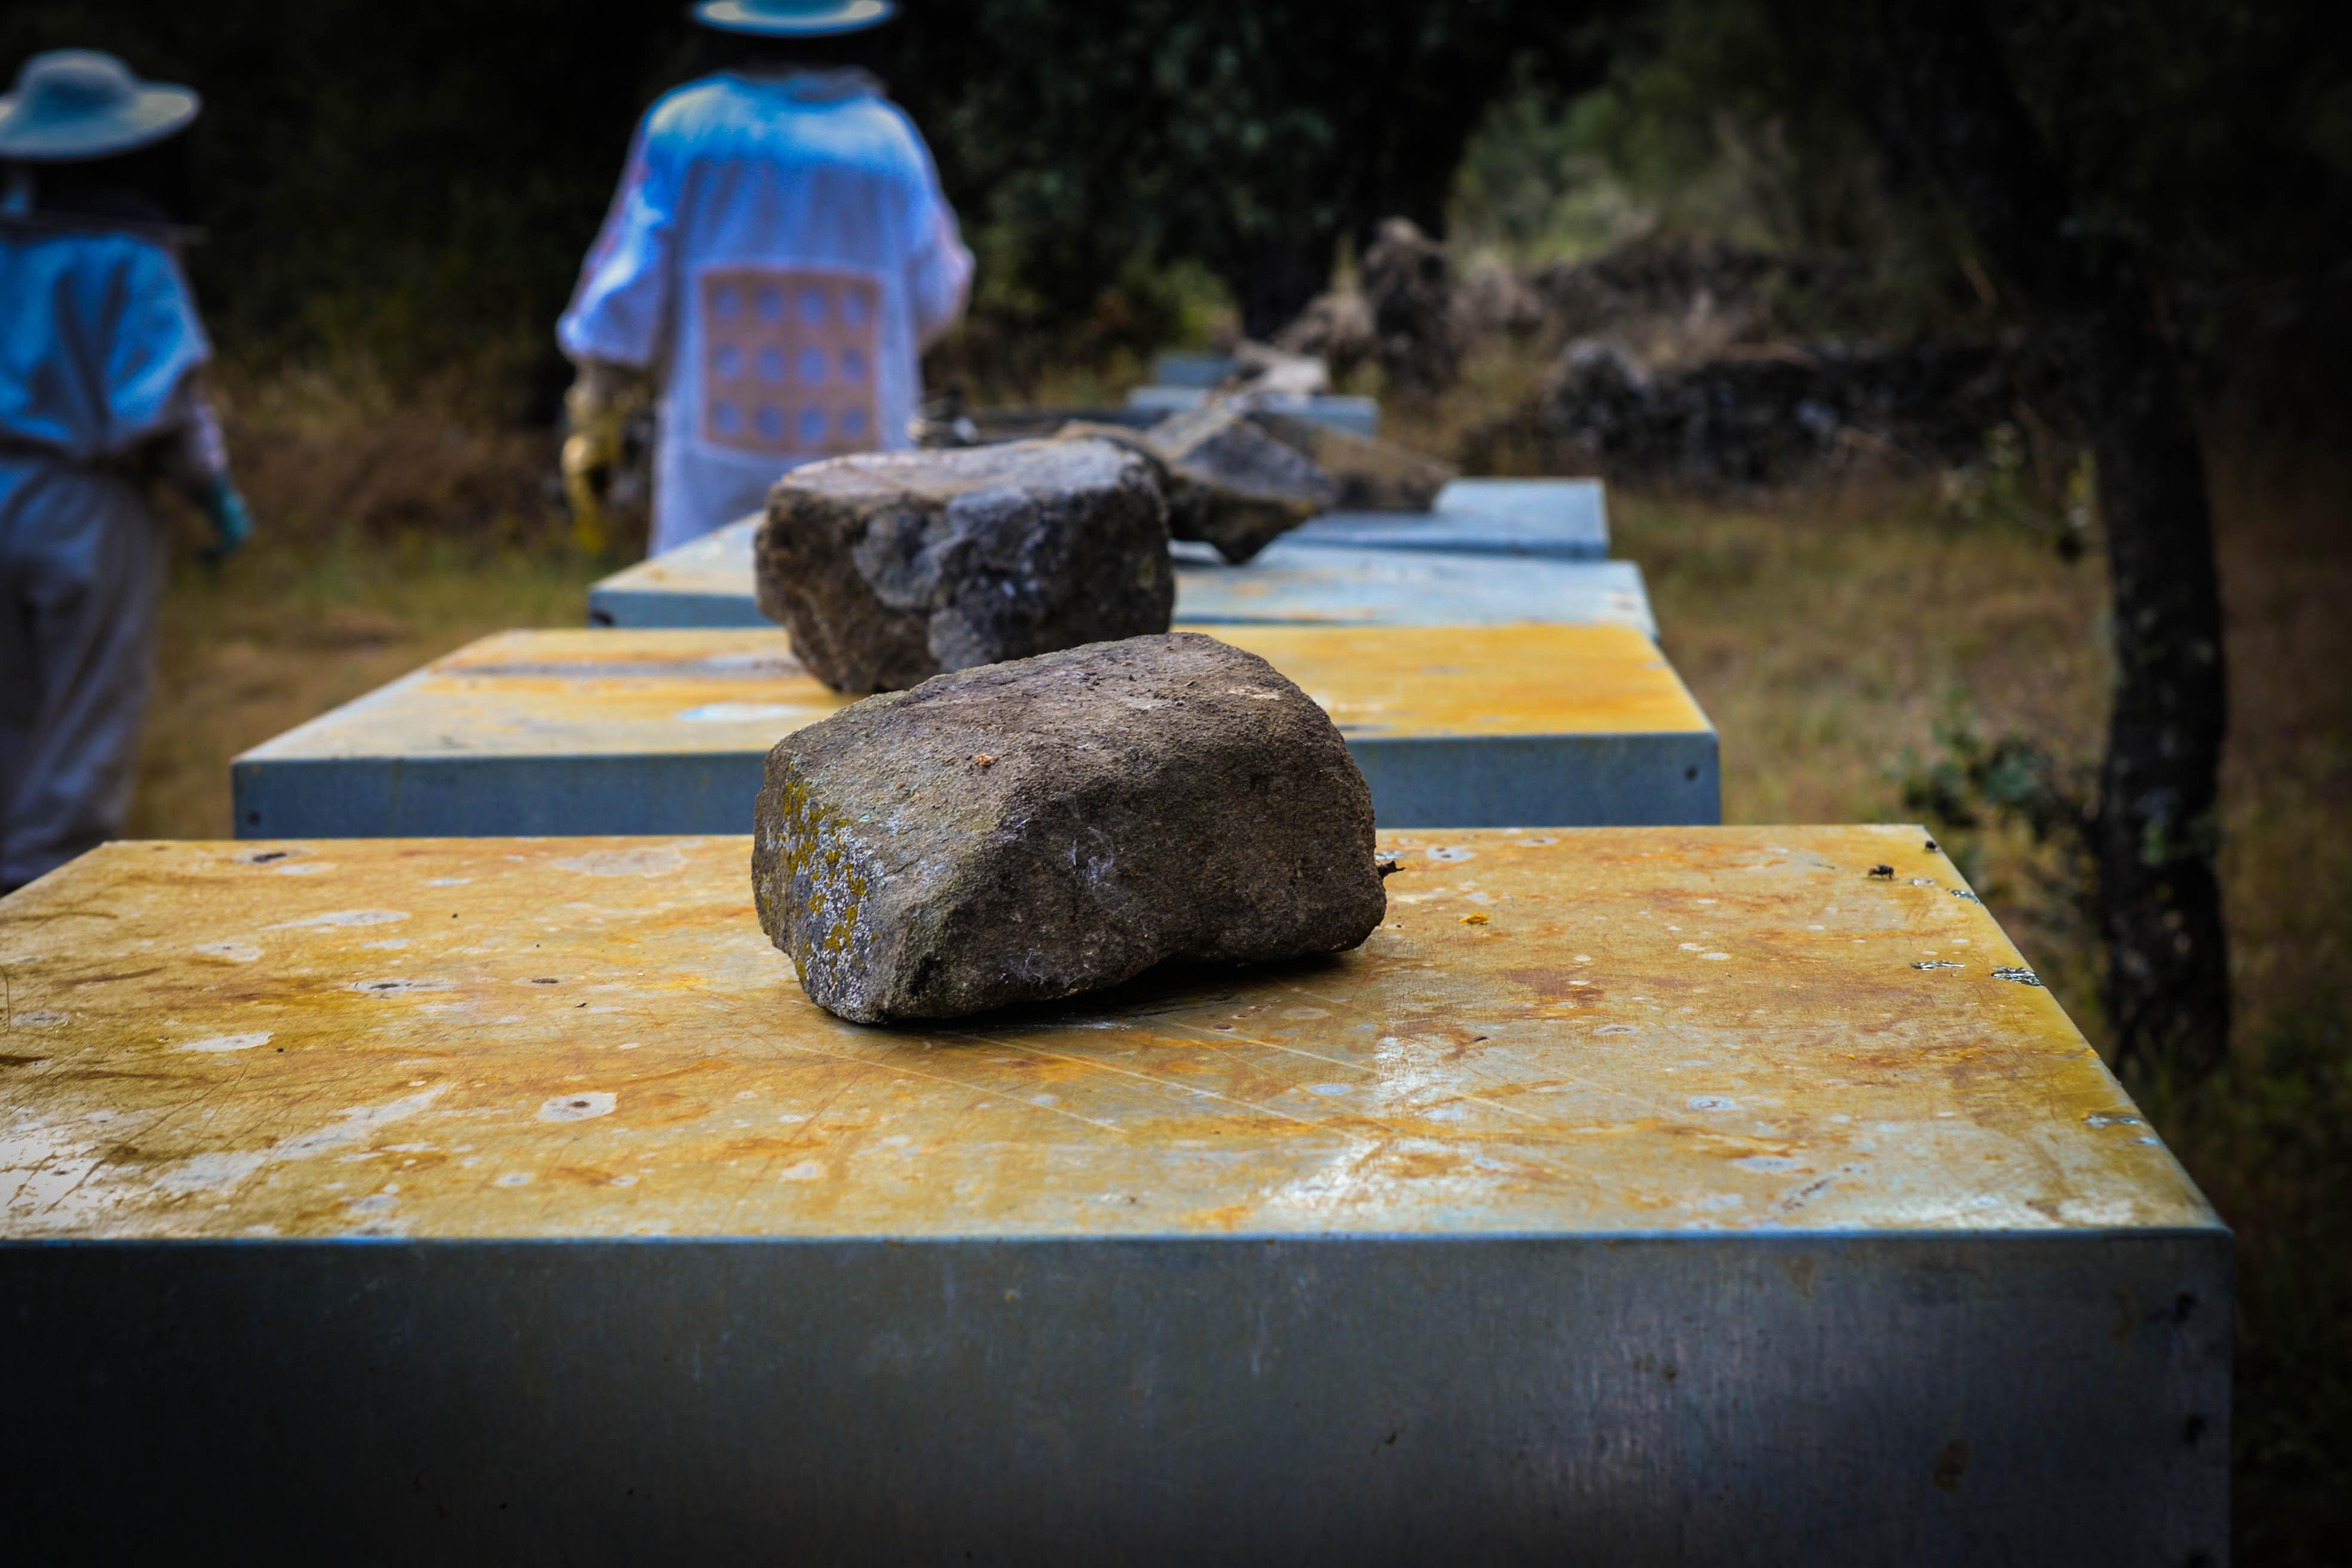 piedra colmena  Las Obreras de Aliste CB Artesanos de la Miel Aliste Gallegos del Campo Artesanos de la Miel